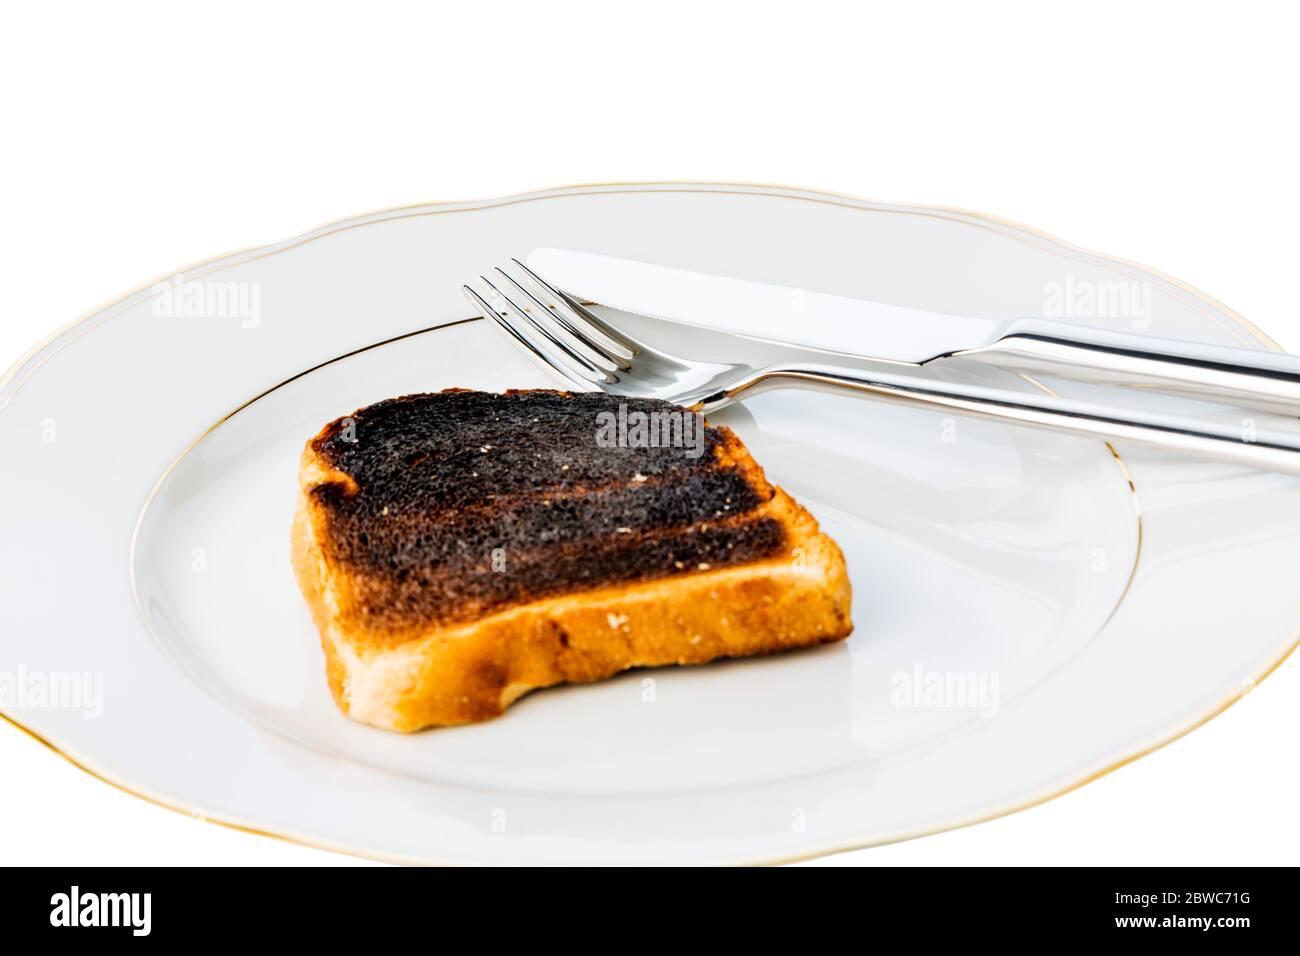 Toastbrot wurde beim toasten gebrannt. Toastscheiben beim Frühstueck. Stockfoto